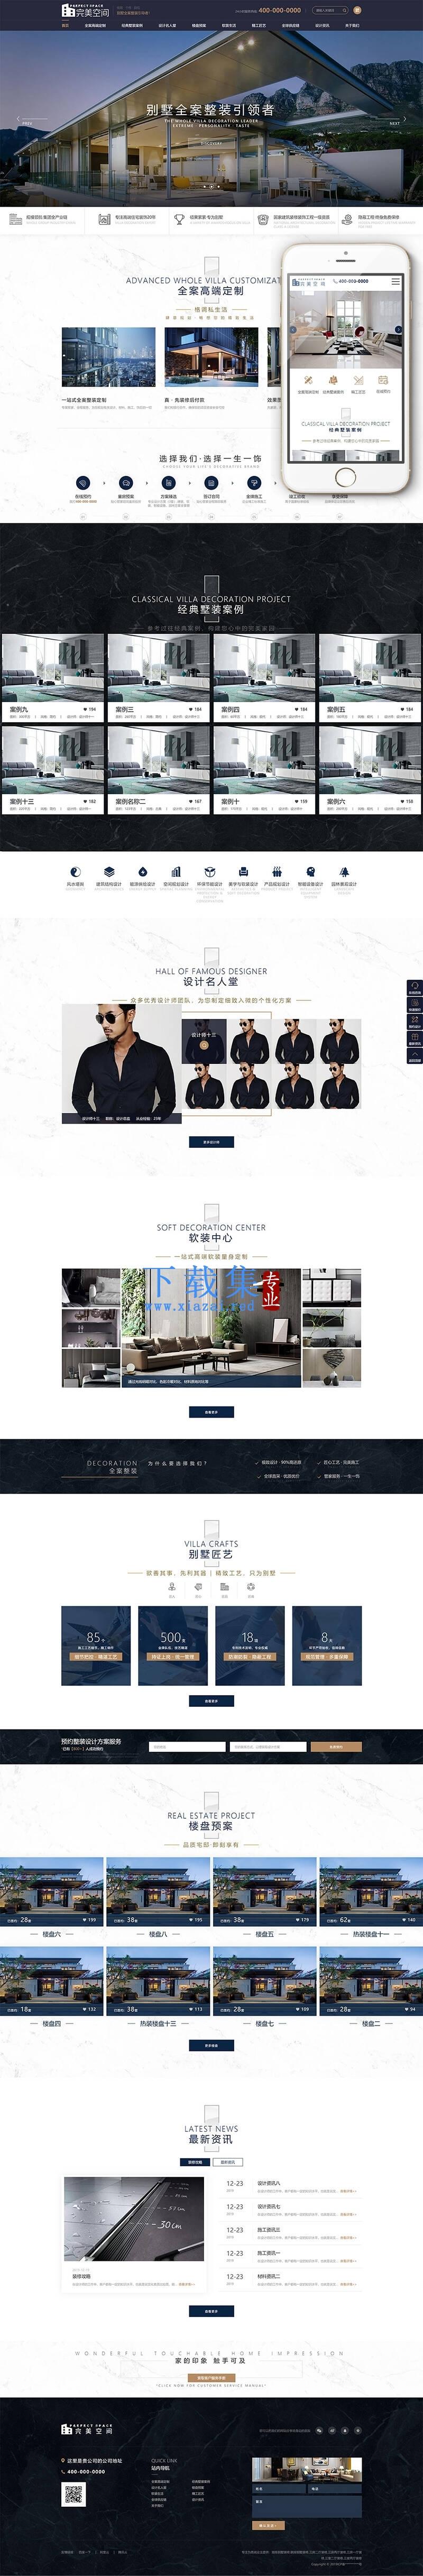 响应式高端品牌家装设计类网站dedecms织梦模板(自适应手机端)